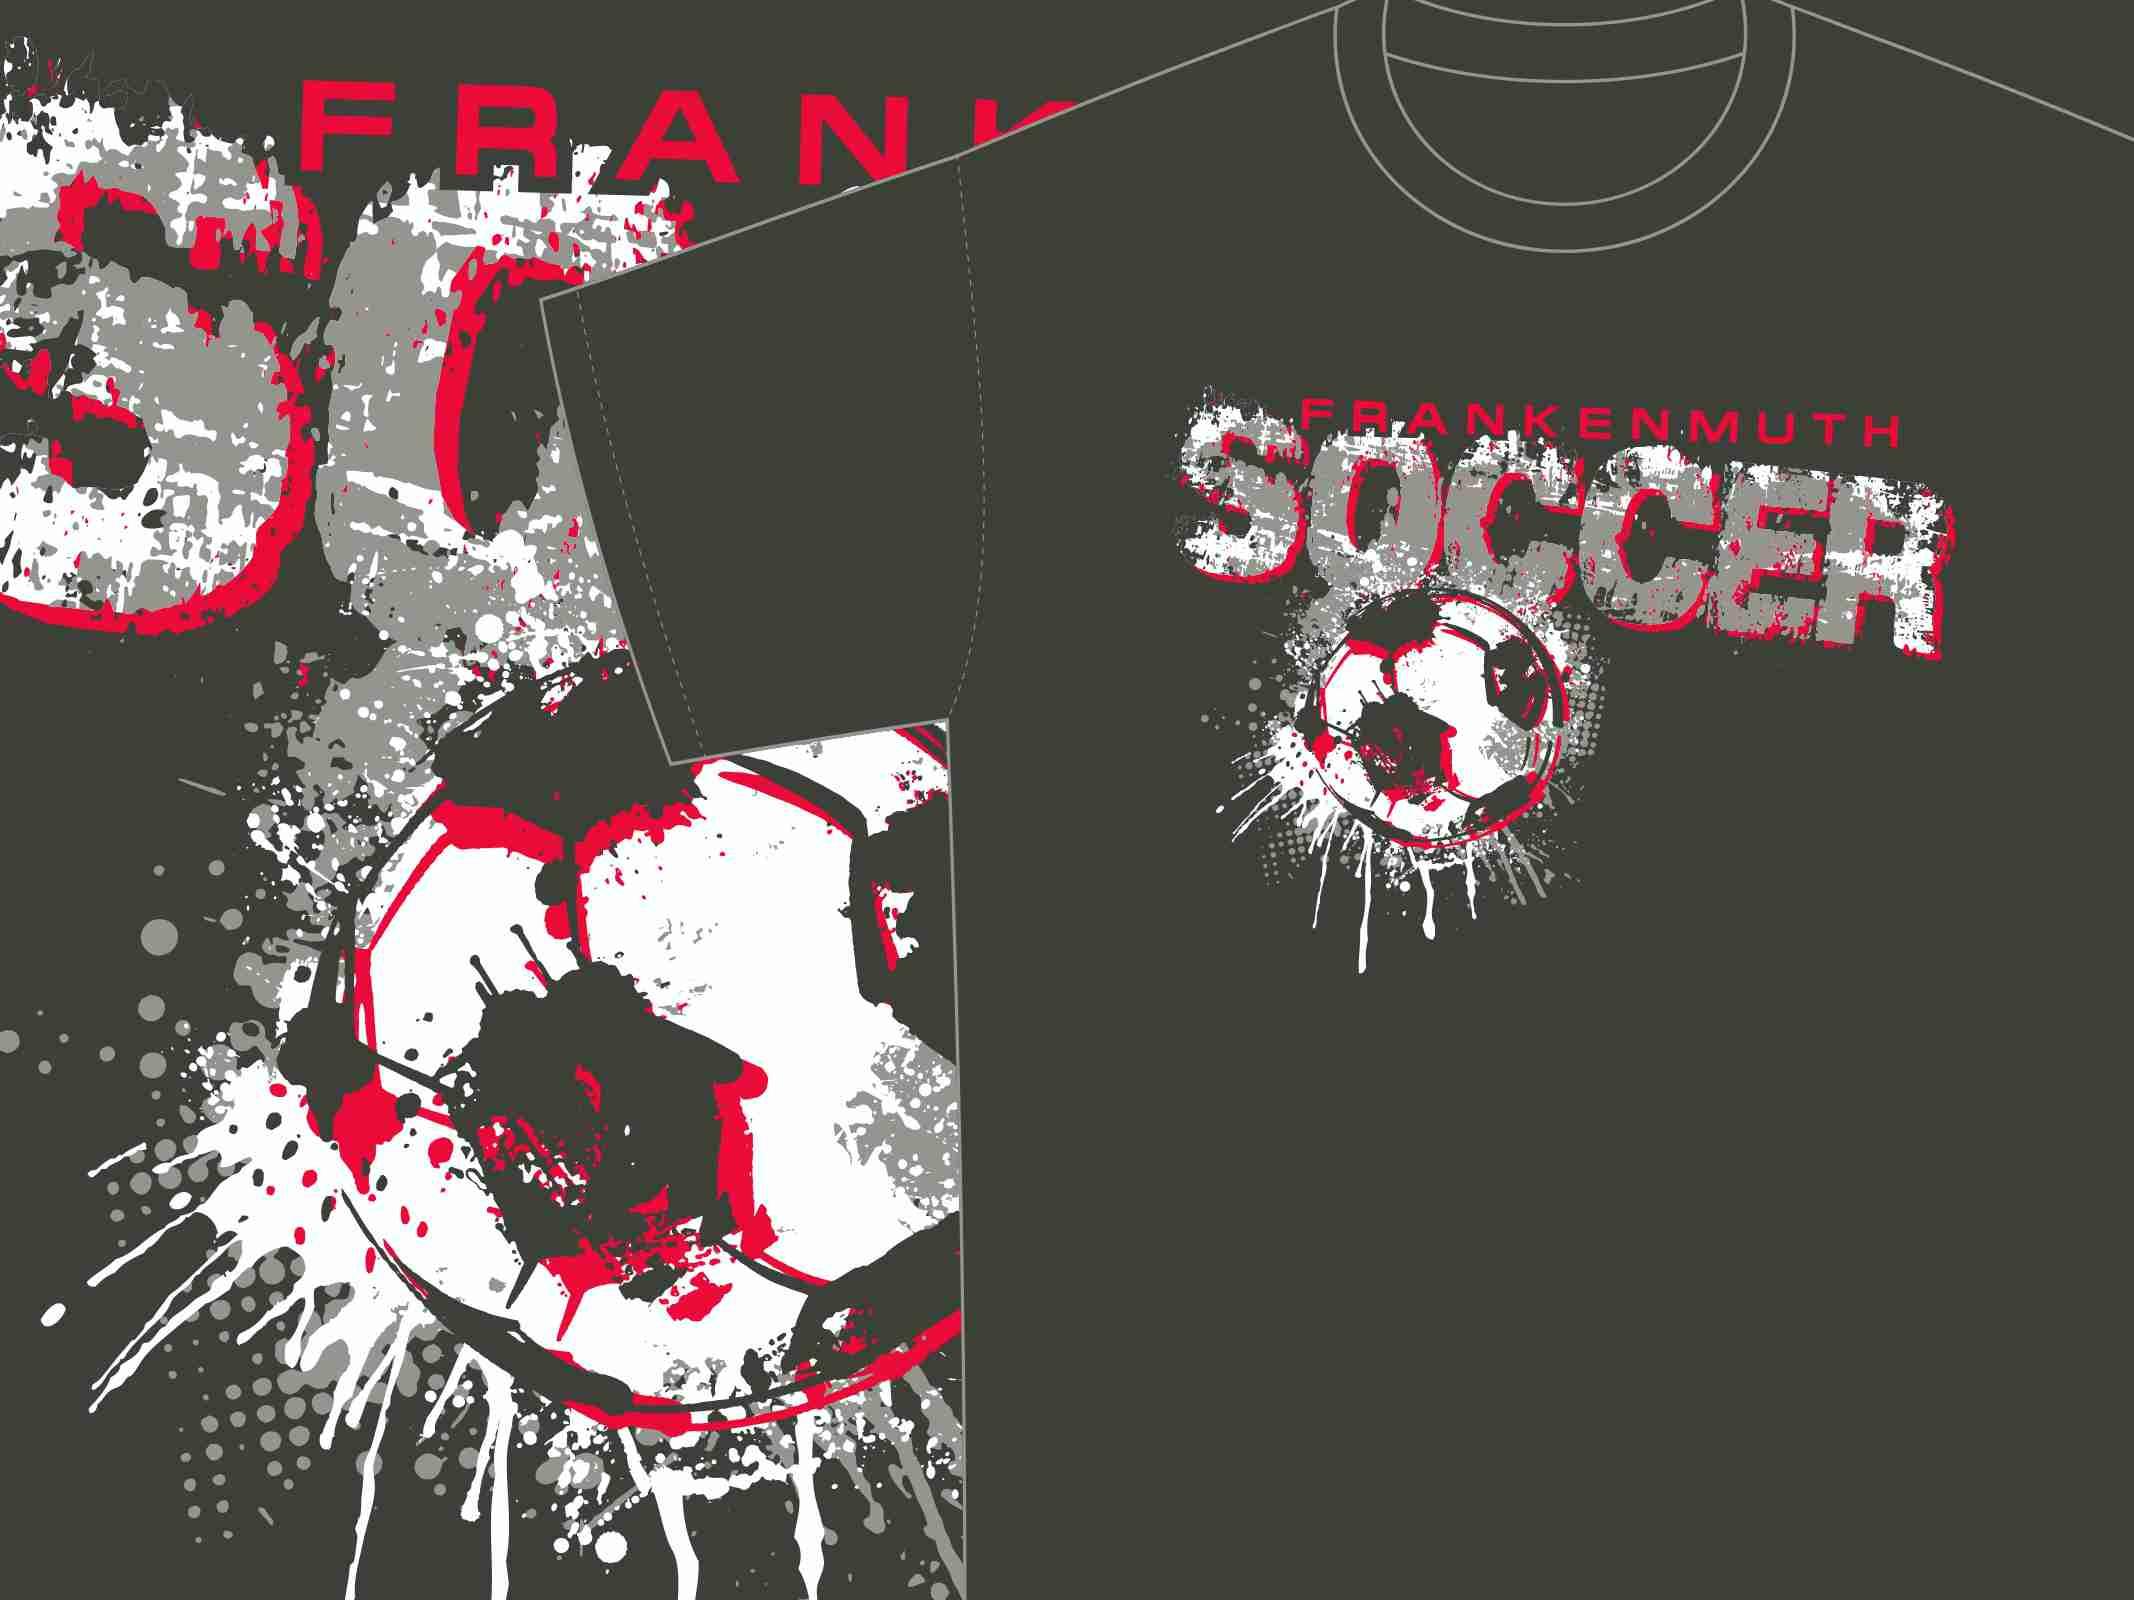 Frankenmuth Soccer